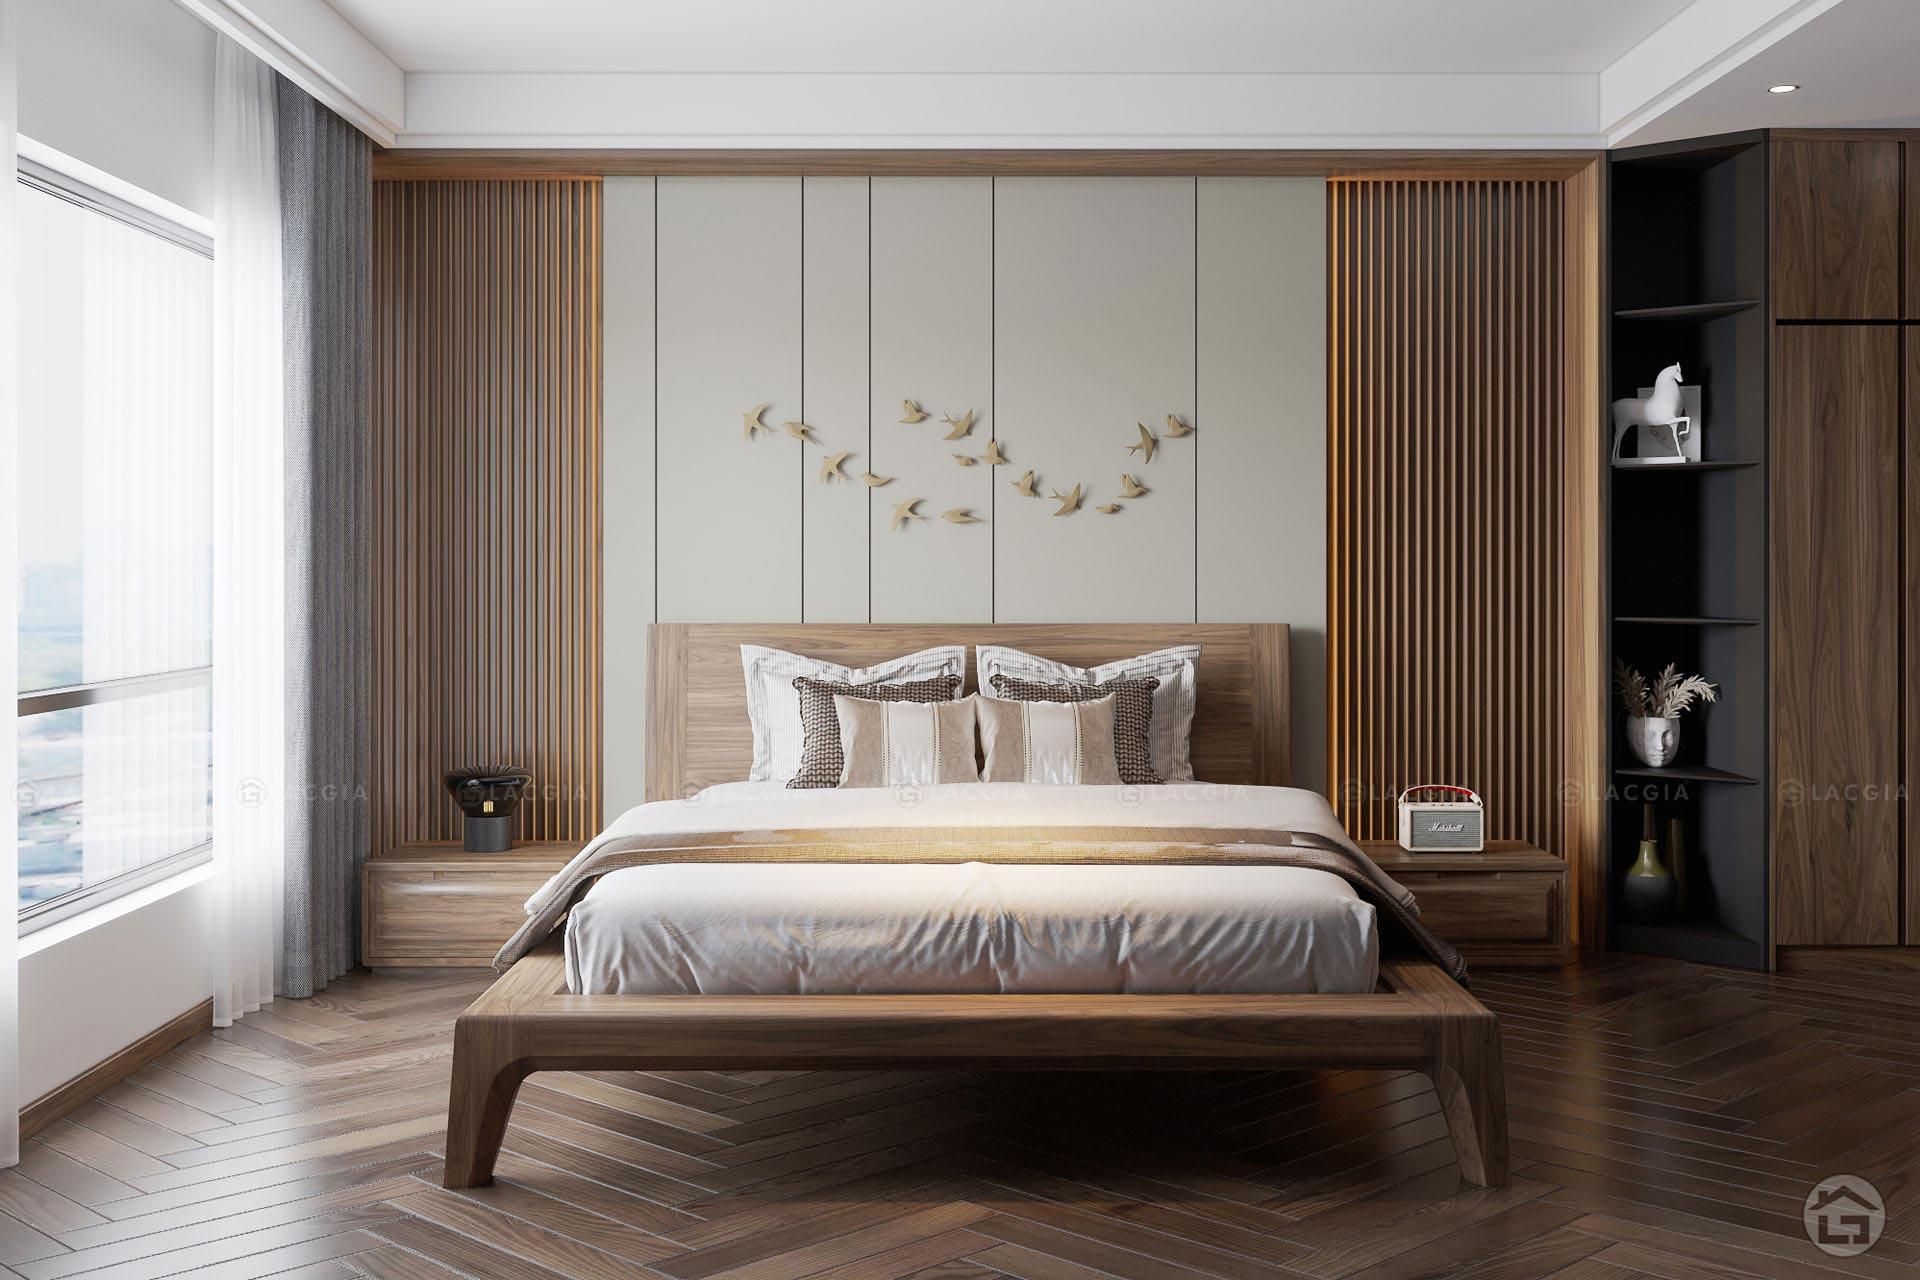 Mẫu phòng ngủ Master thiết kế theo phong cách hiện đại